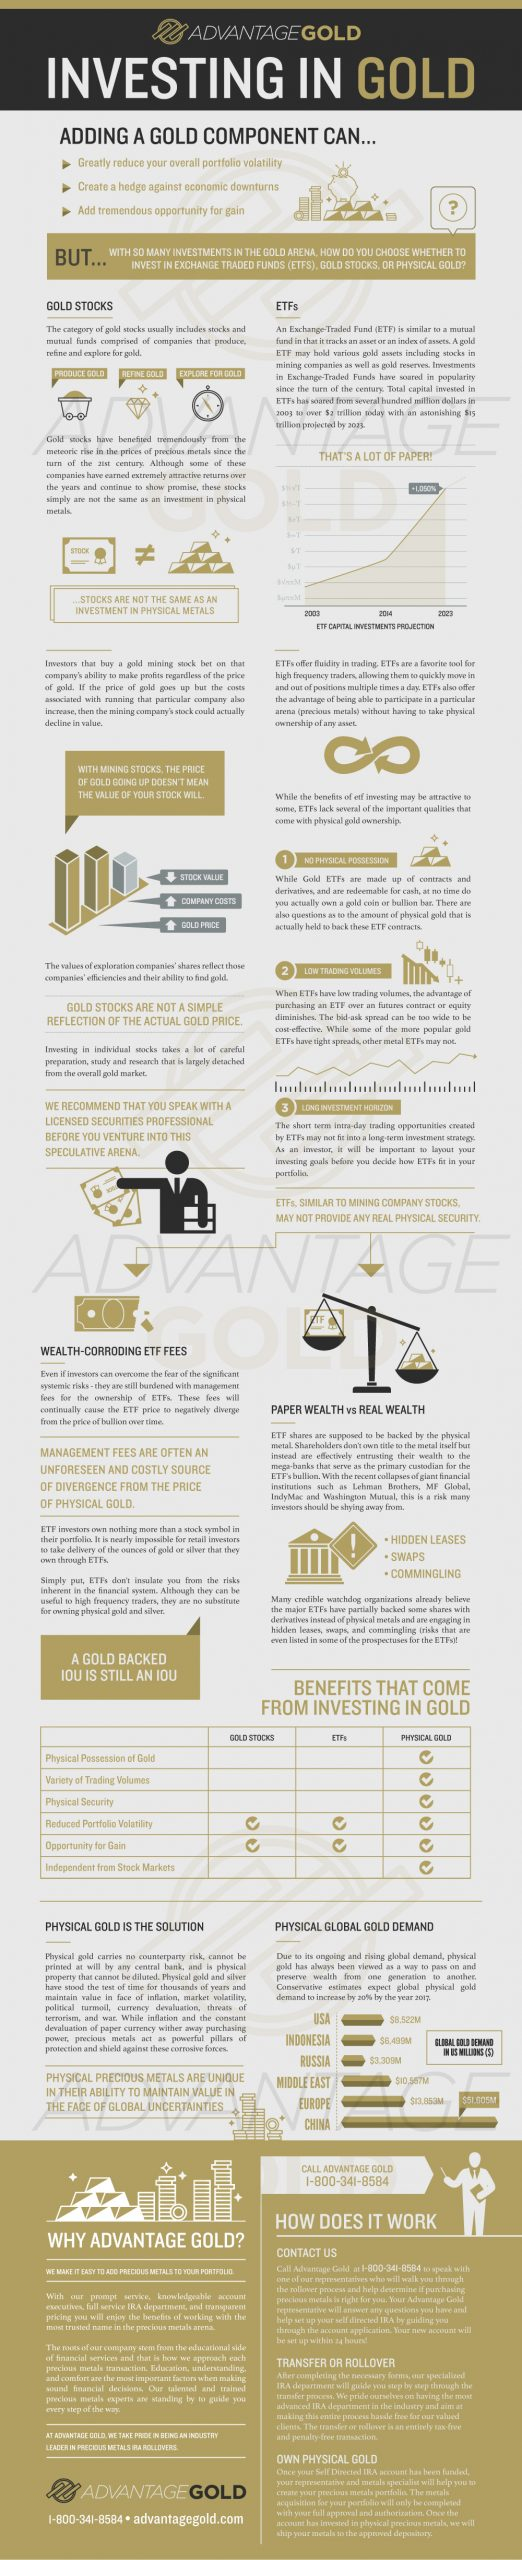 precious metals ira infographic